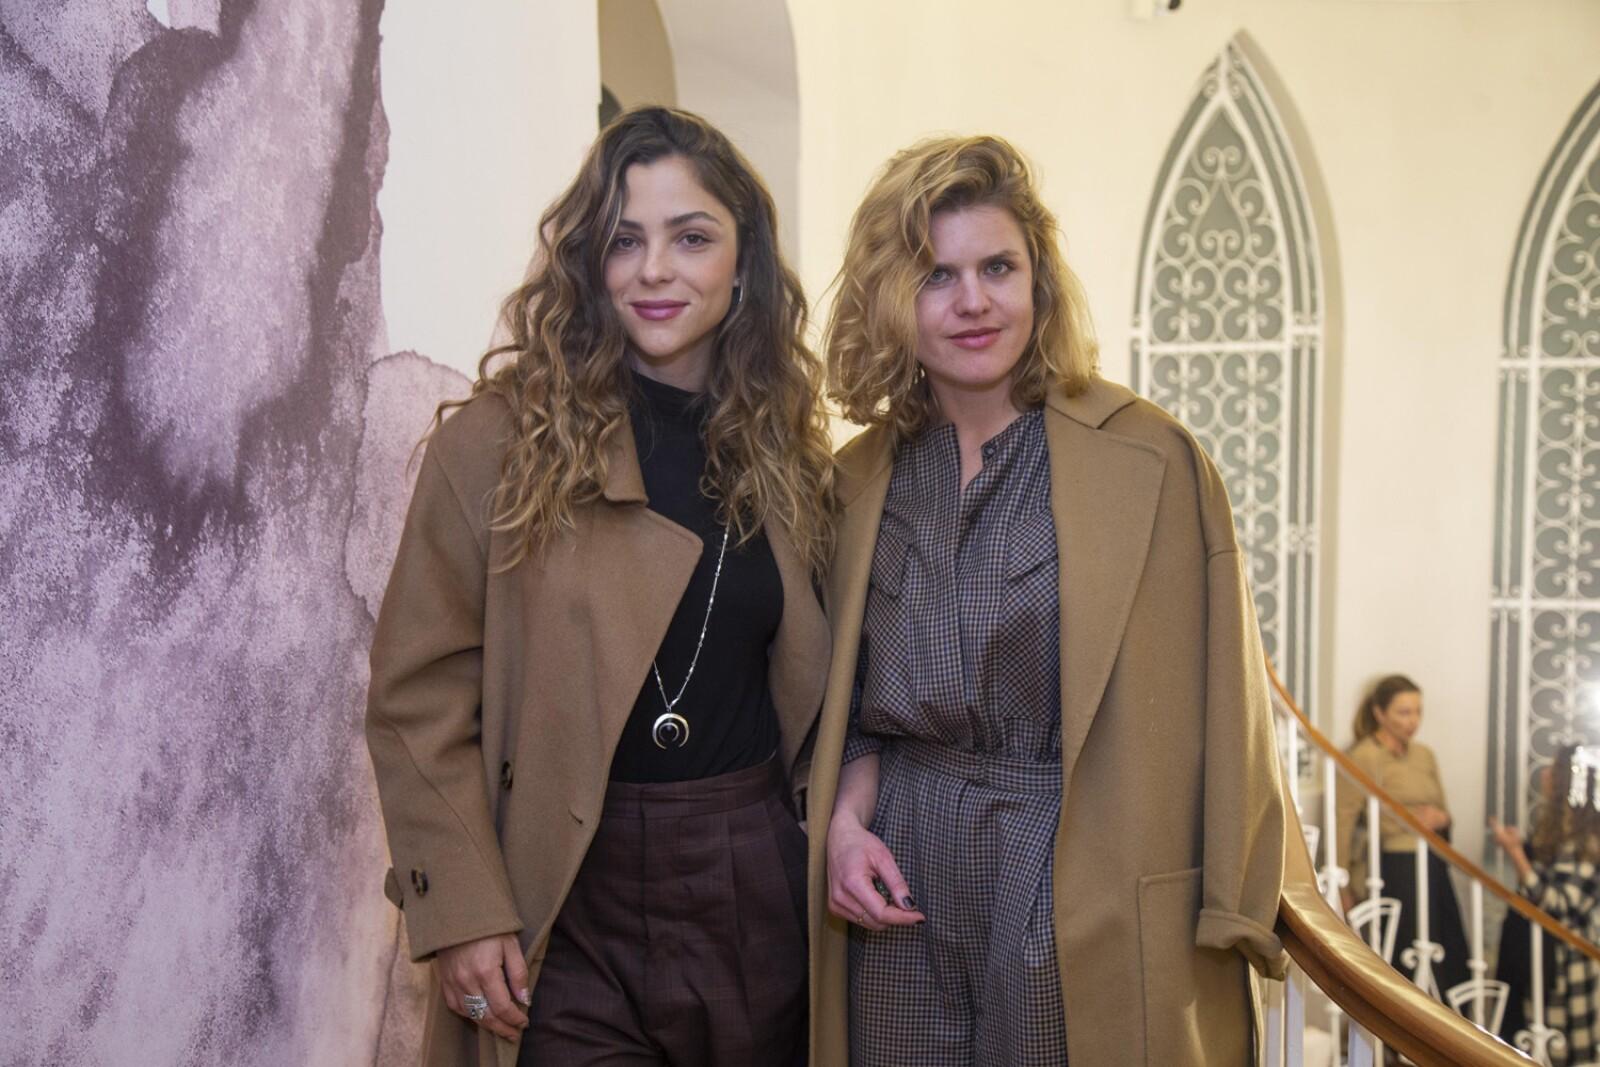 Fernanda kalb, Paulina Davila